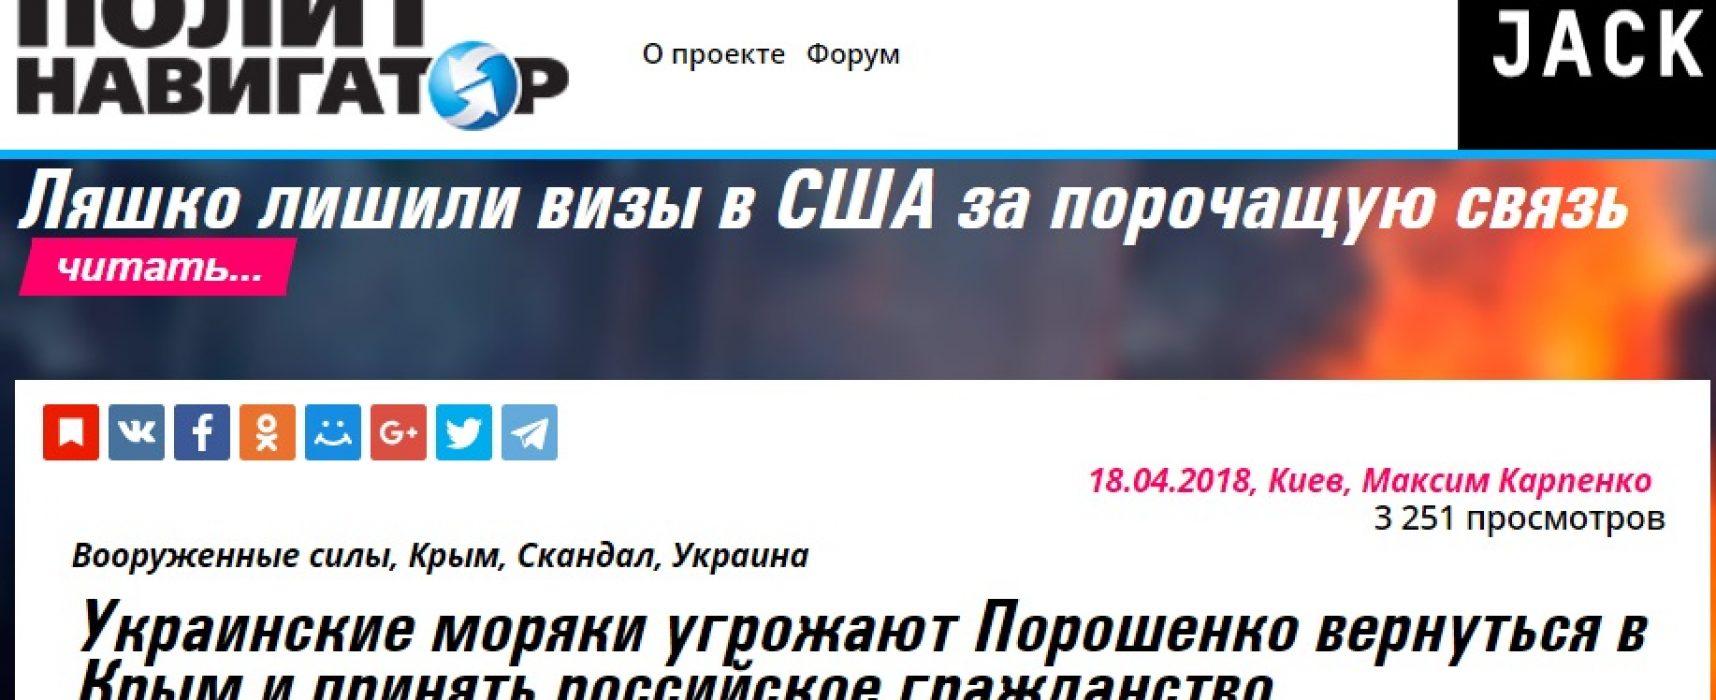 Manipulation: Ukrainian Sailors Threaten to Return to Crimea